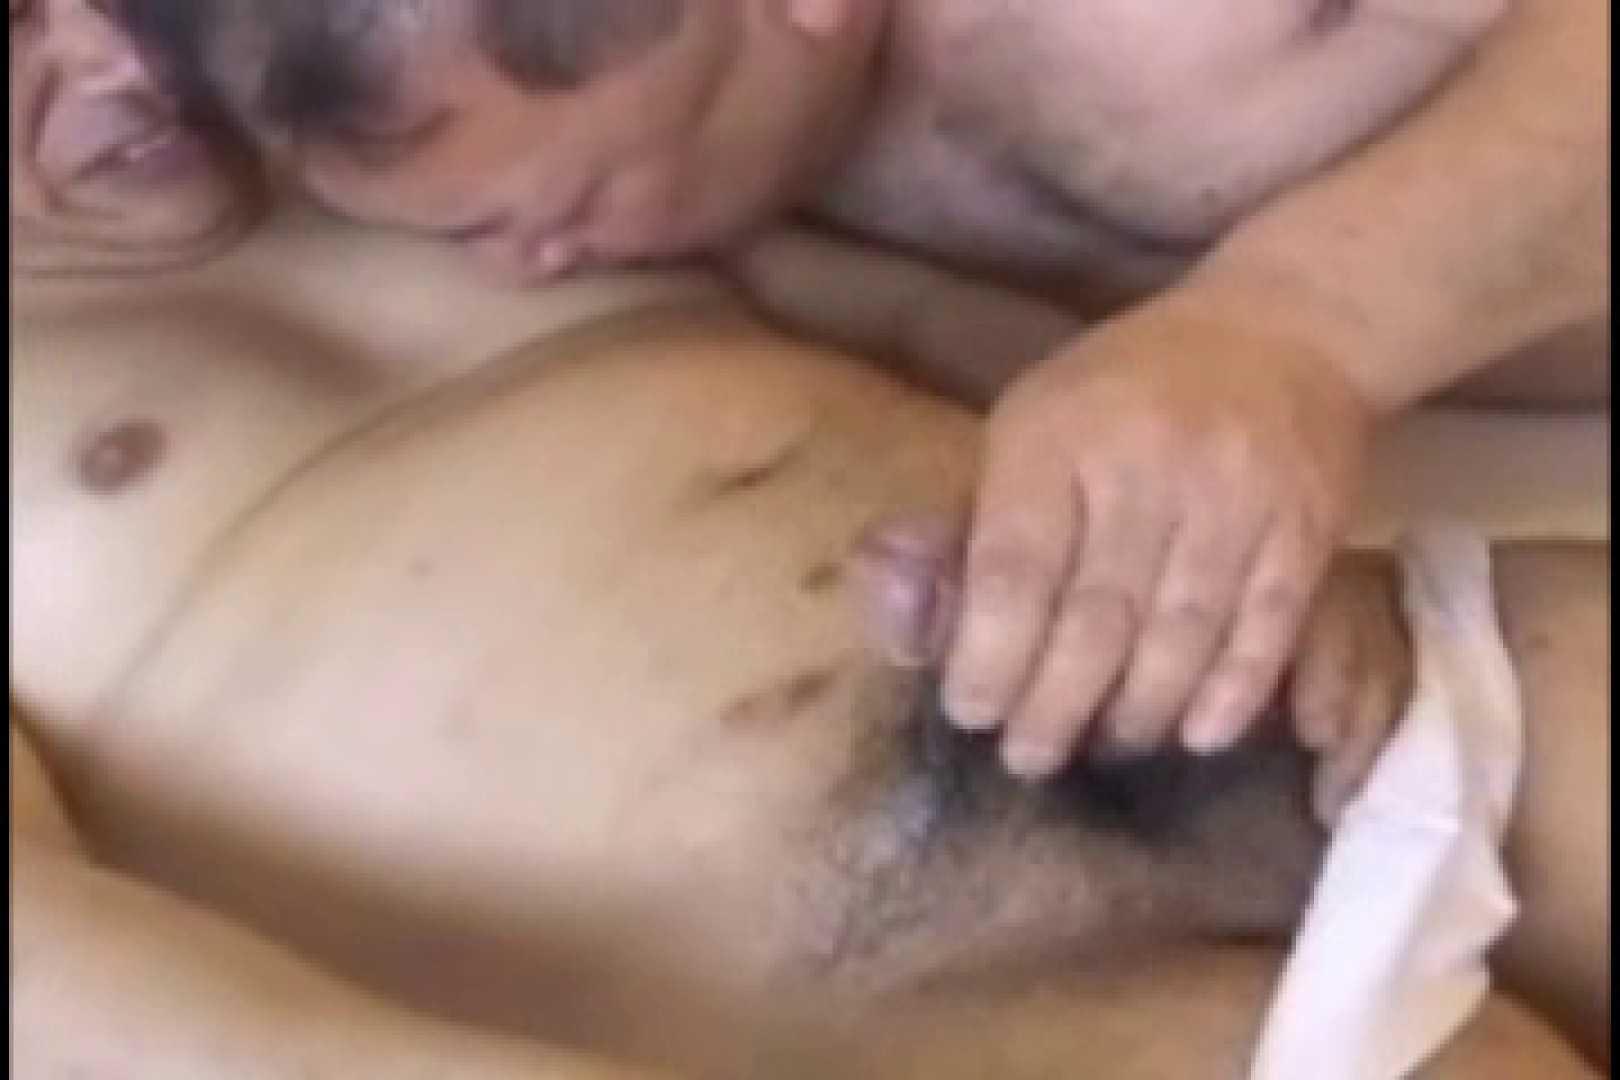 中年旦那の発情記 ゲイのオナニー映像  99枚 75